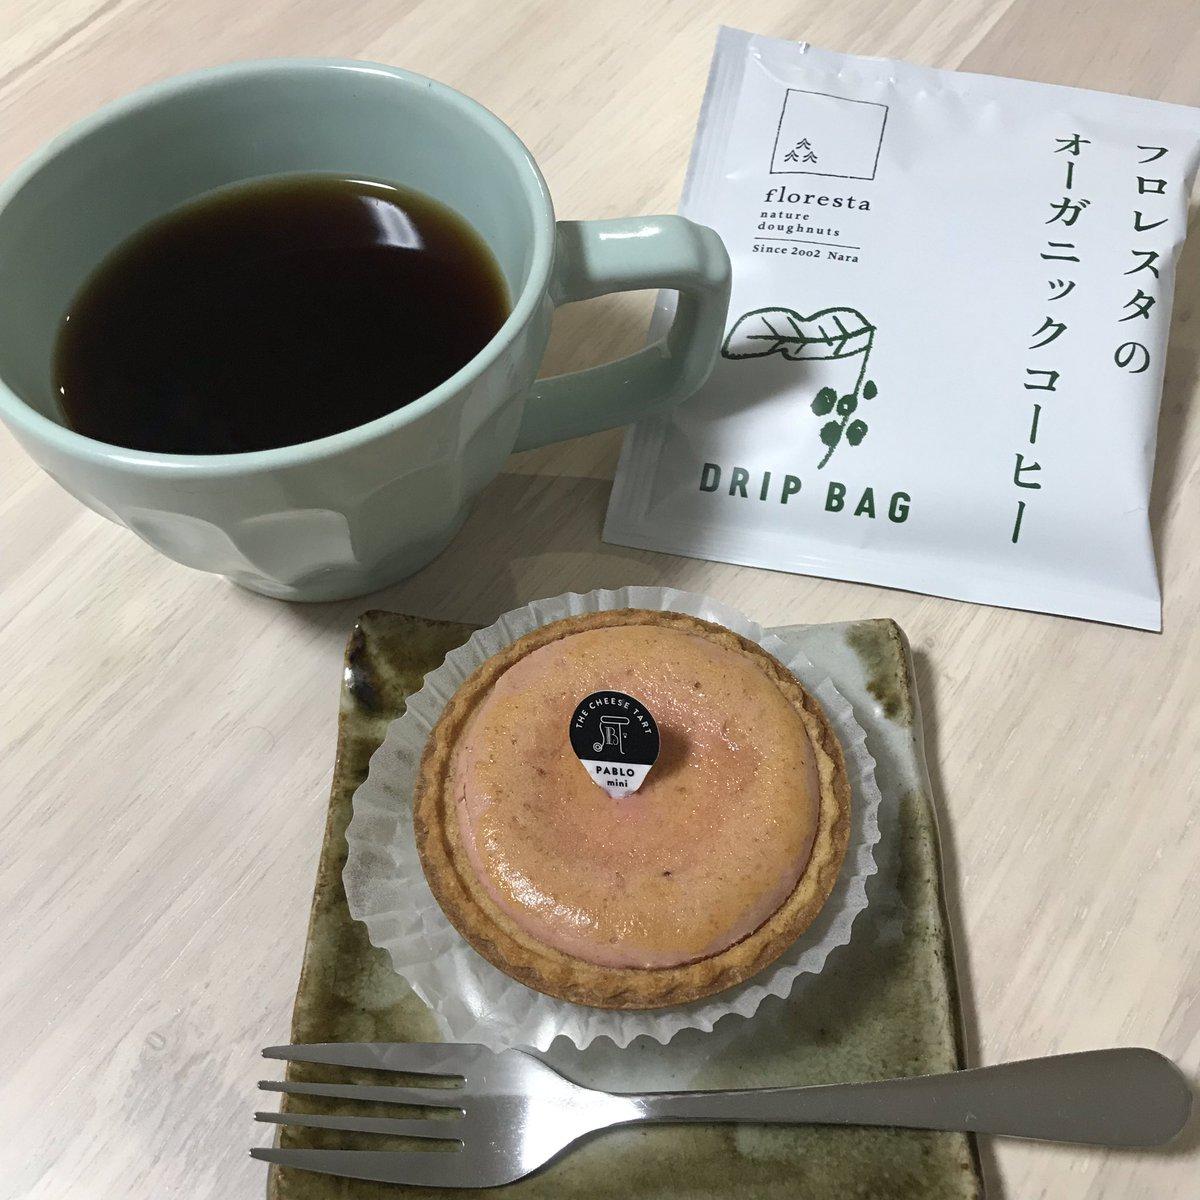 test ツイッターメディア - 頂き物のタルトとお気に入りのコーヒー。お気に入りのセリアのカップ。 #コーヒー #珈琲 #セリア #食後のおやつ #フロレスタ https://t.co/XgHXuksAyO